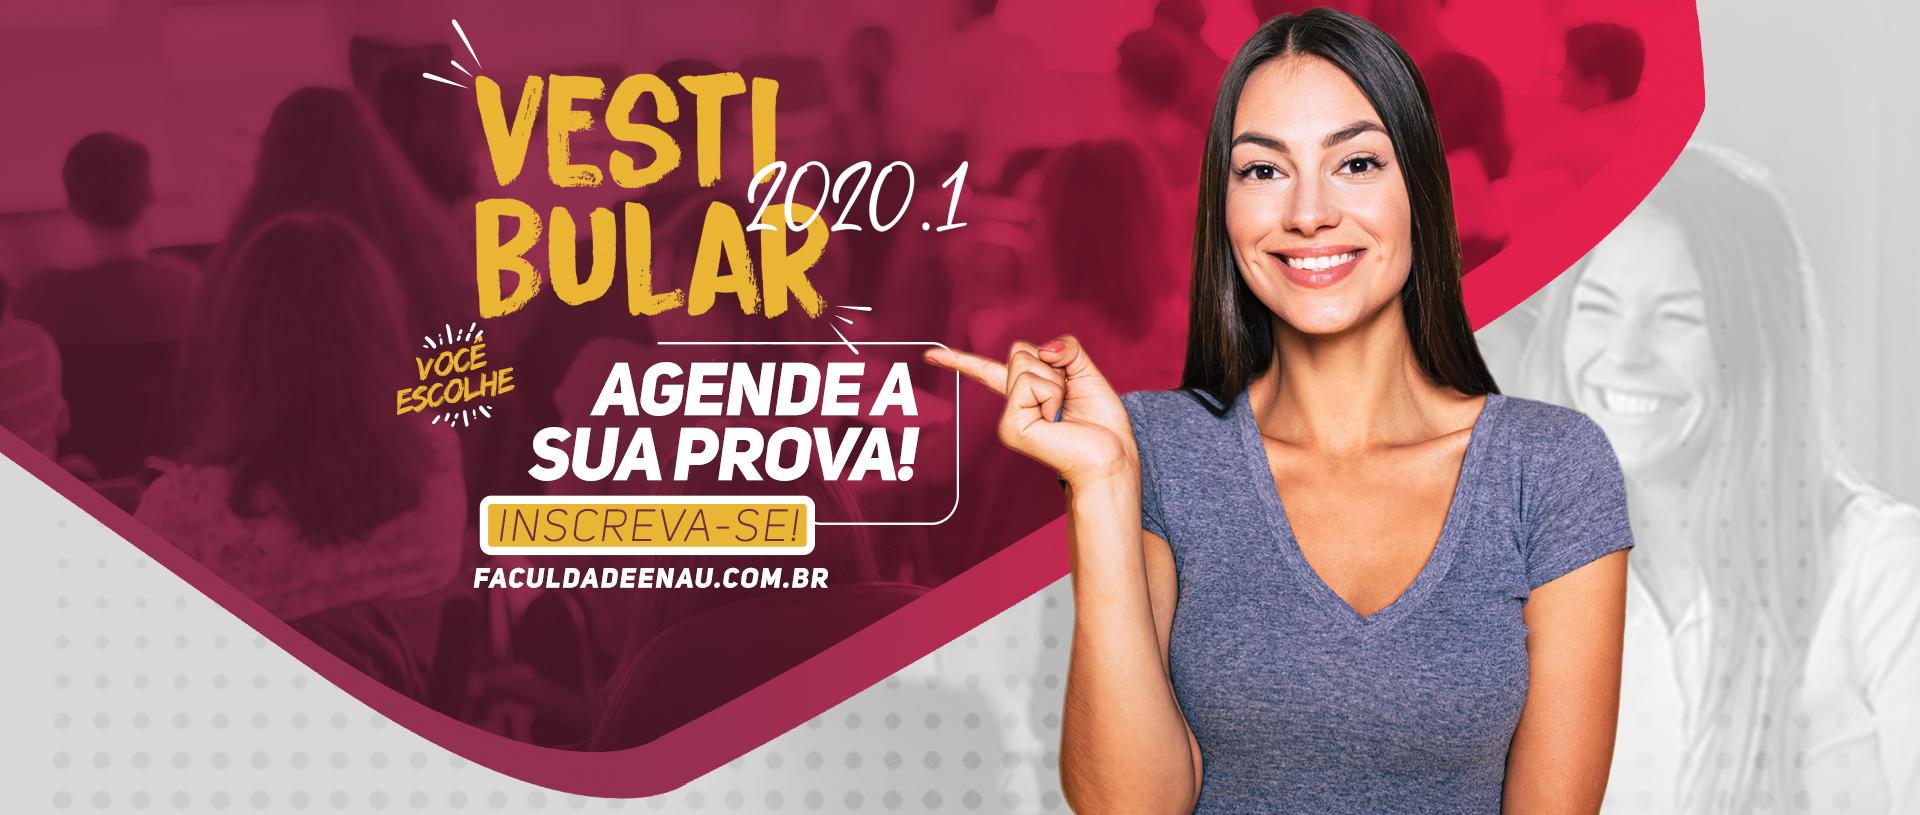 Vestibular 2020.1